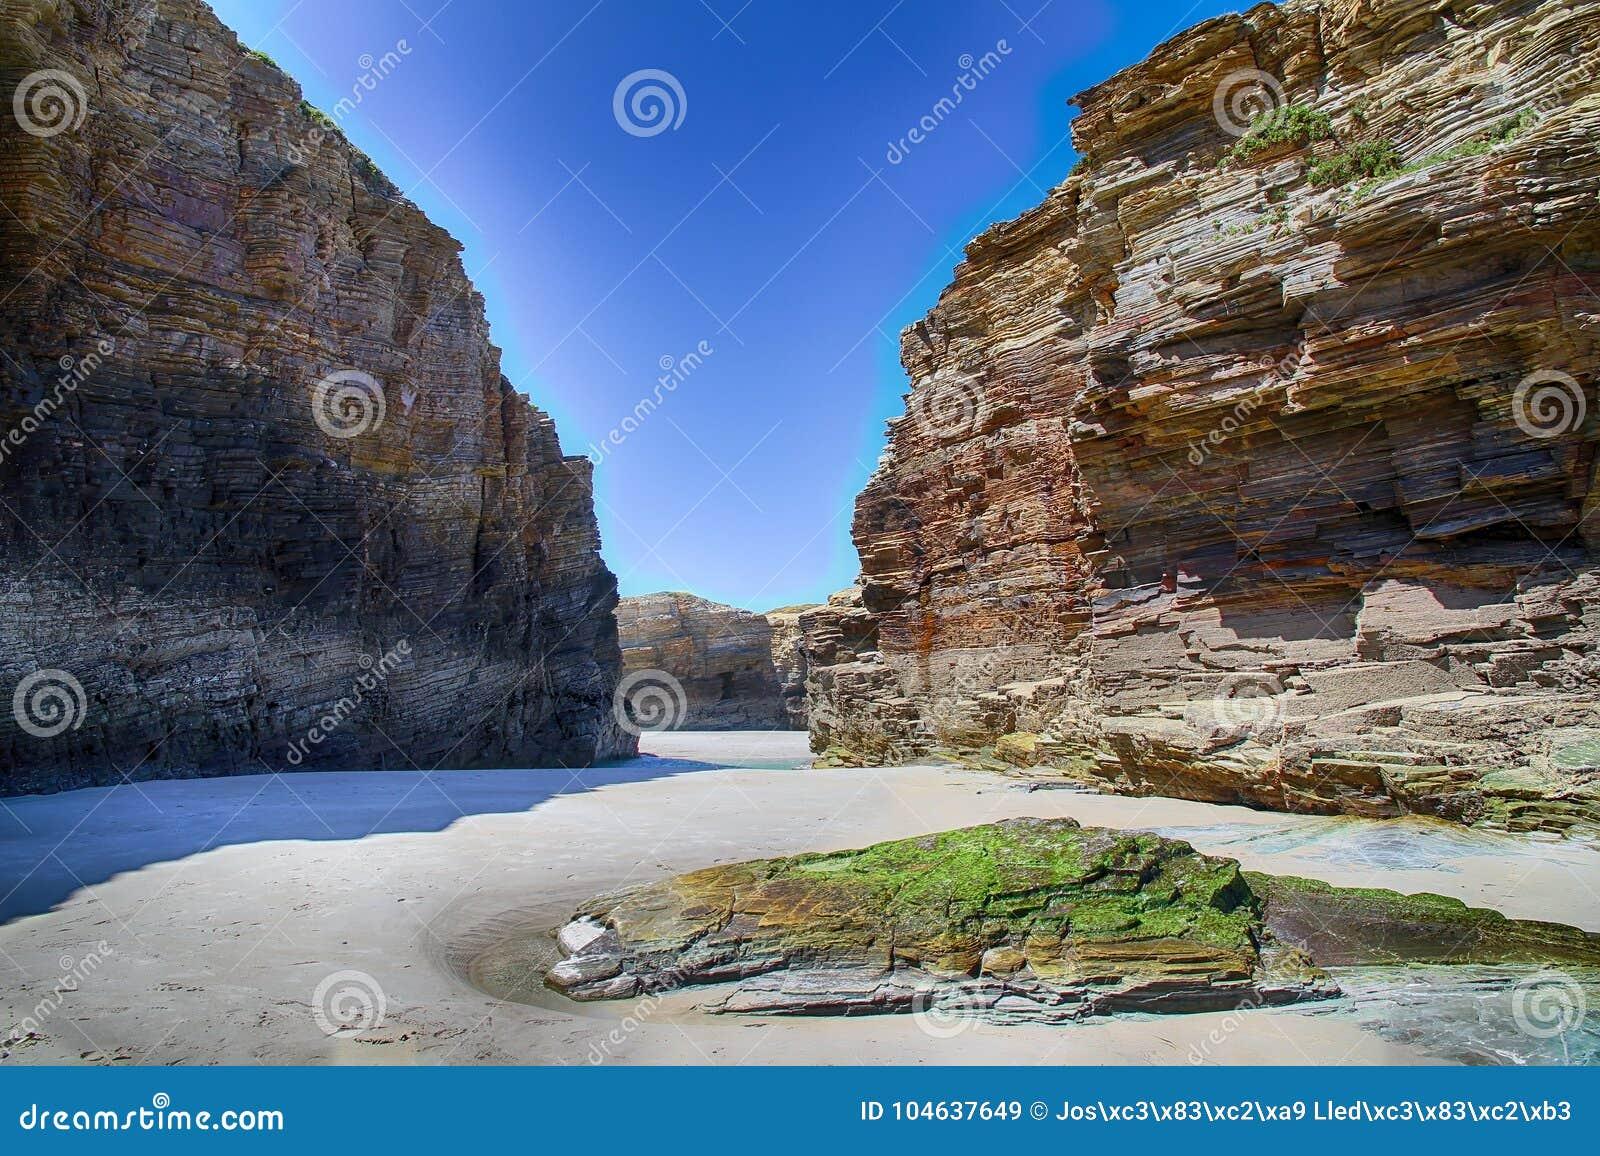 Download Het Kathedralenstrand In Eb Met Rotsen Erosioned Door De Actie Van Het Overzees Stock Afbeelding - Afbeelding bestaande uit asturias, marine: 104637649